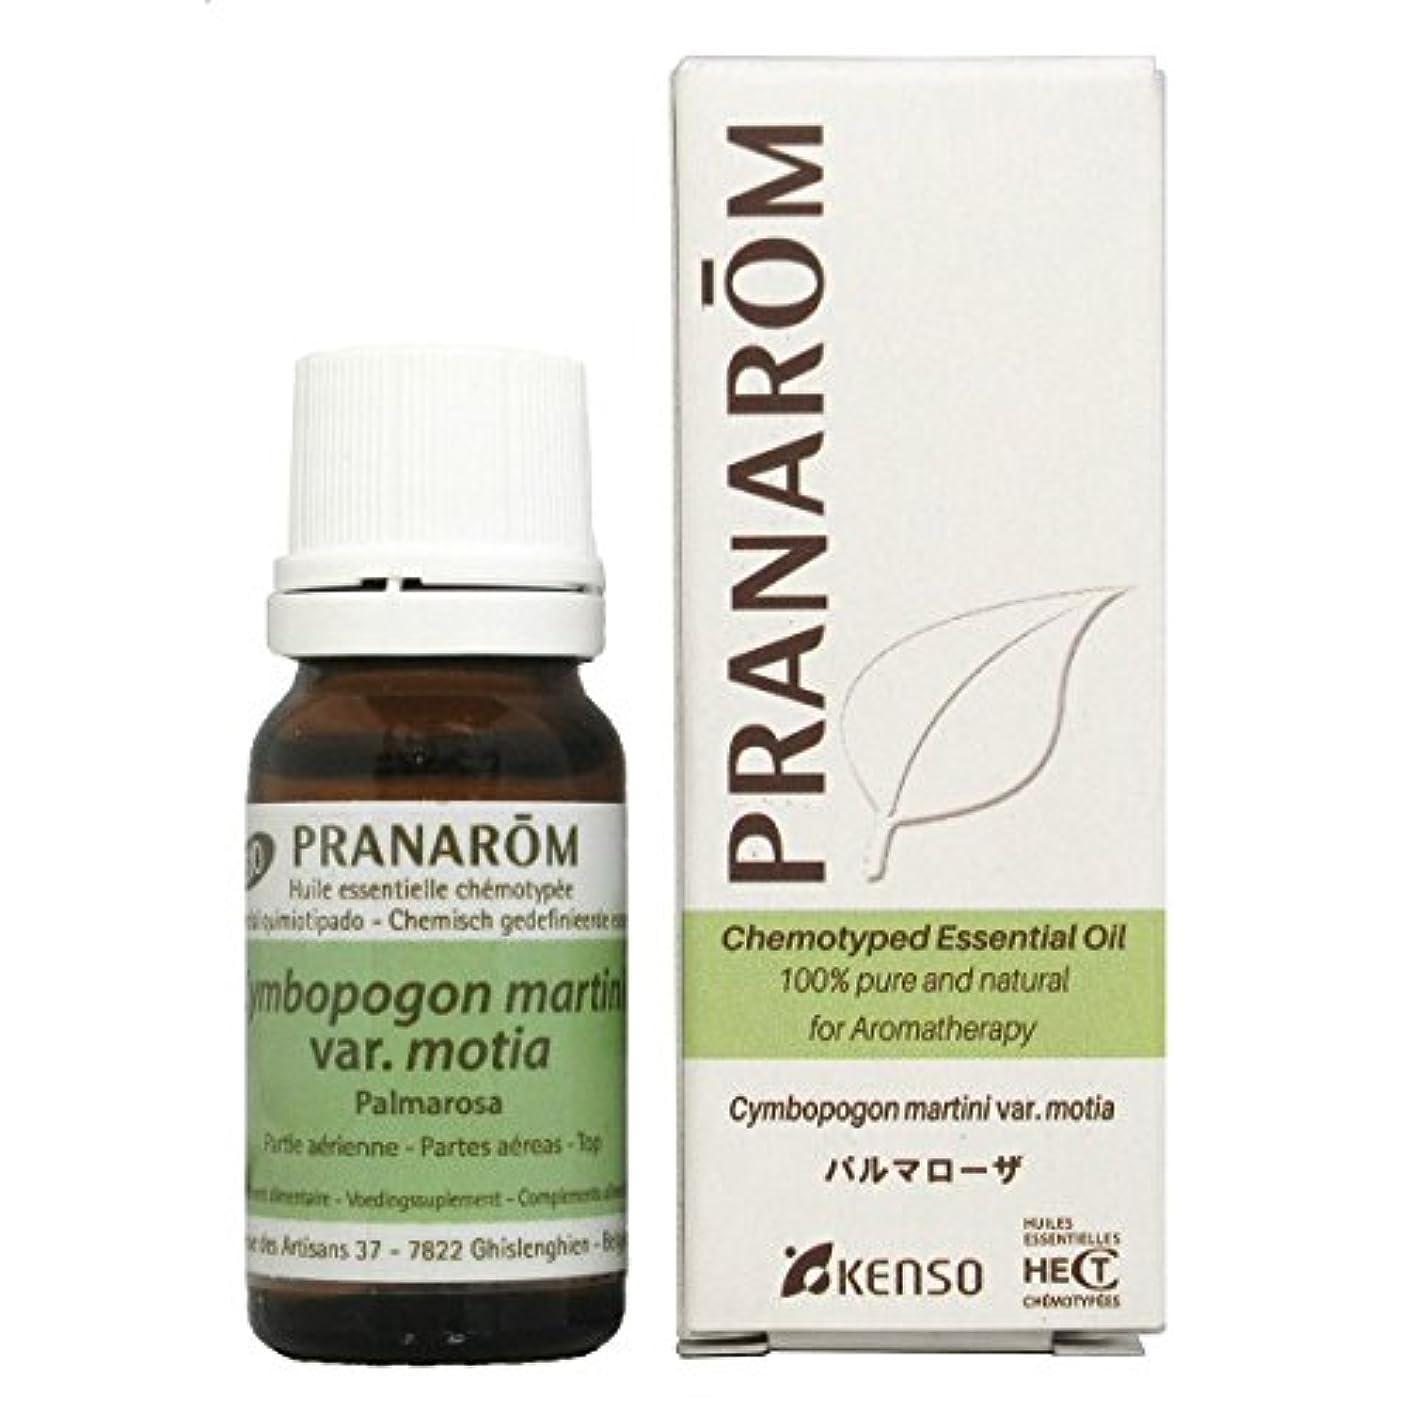 ペック命令的類推【パルマローザ 10ml】→バラに似たフローラルな香り?(リラックスハーブ系)[PRANAROM(プラナロム)精油/アロマオイル/エッセンシャルオイル]P-59